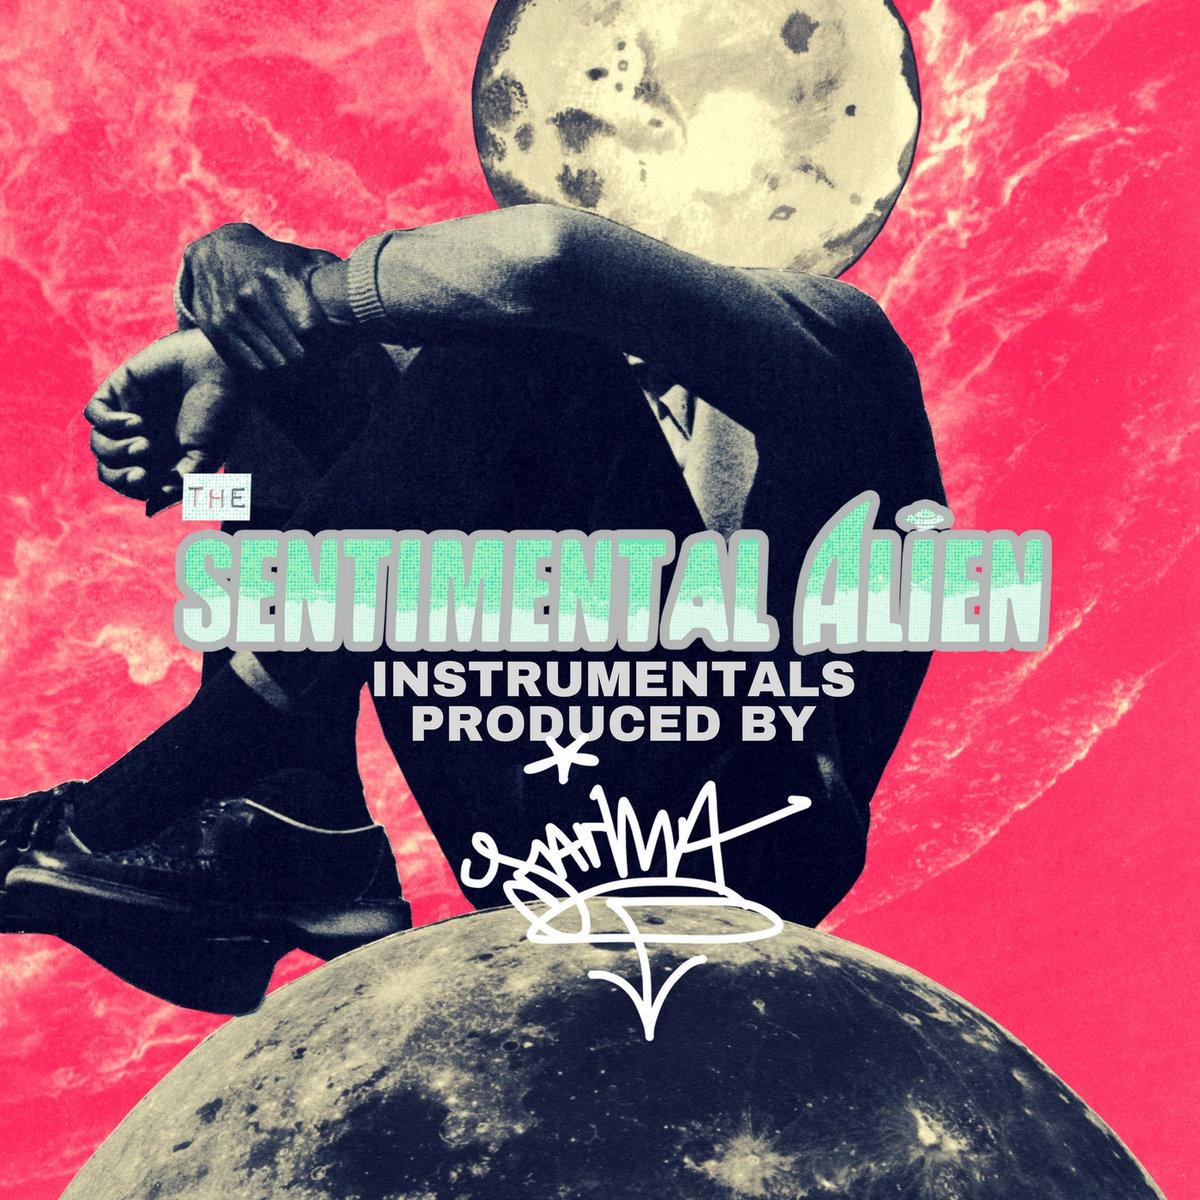 THE SENTIMENTAL ALIEN INSTRUMENTALS | FARMA BEATS